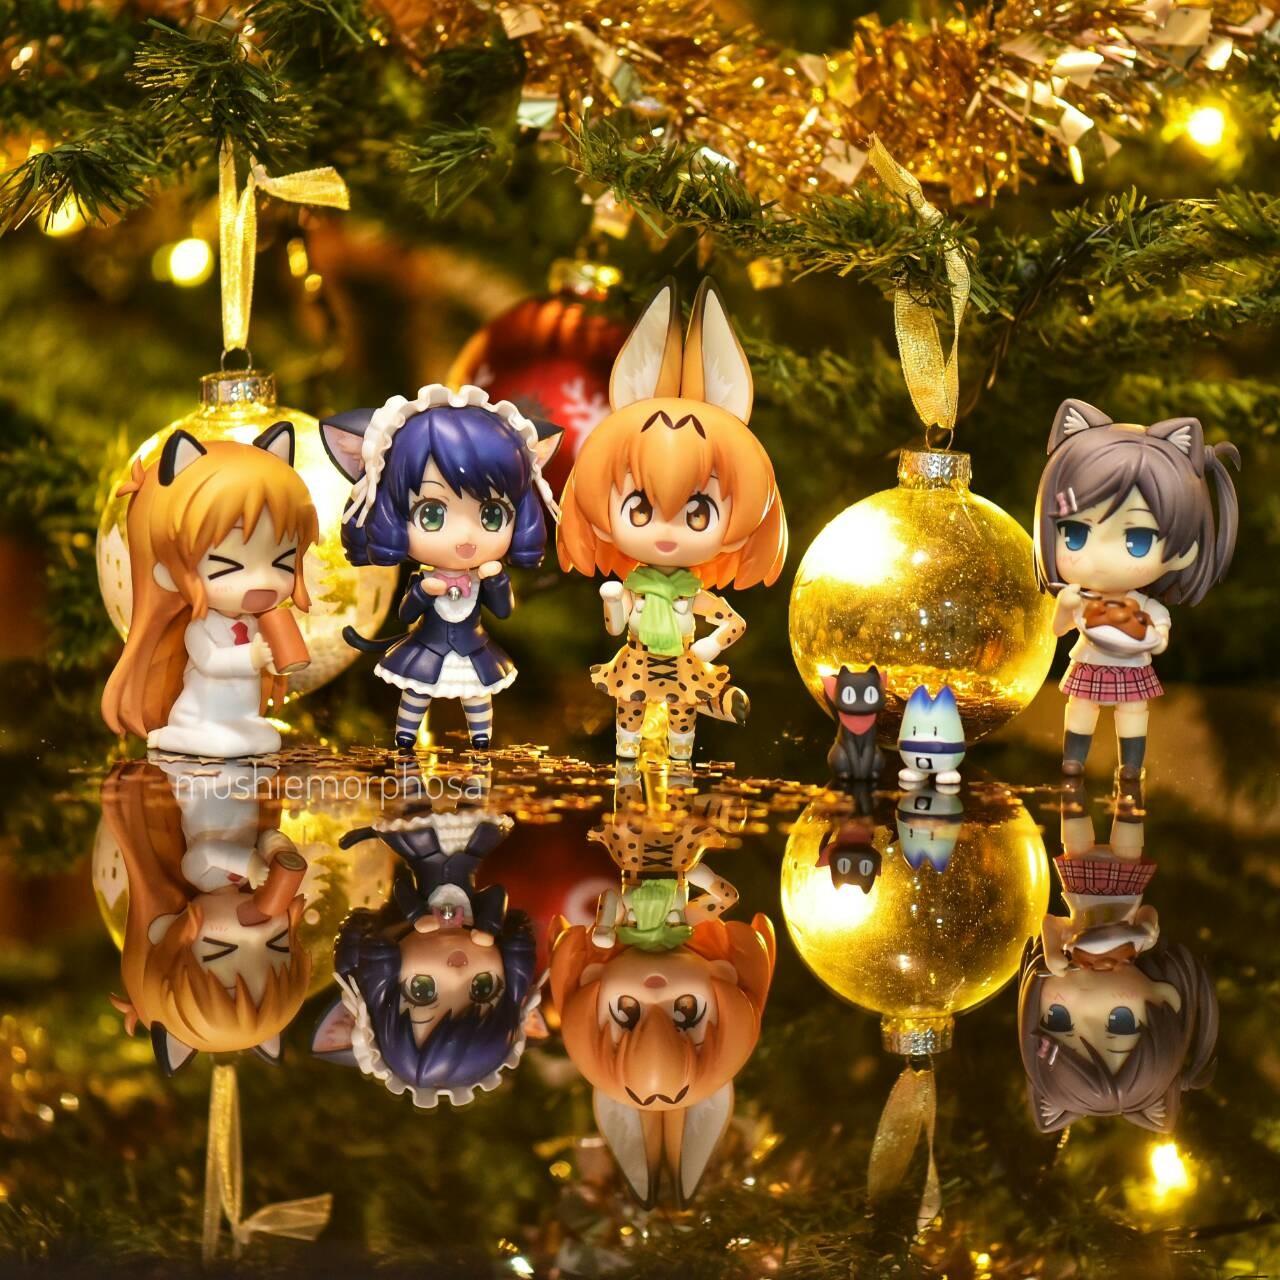 nendoroid good_smile_company cyan hakase sanrio nendoron kadokawa media_factory nichijou sakamoto arawi_keiichi hentai_ouji_to_warawanai_neko tsutsukakushi_tsukiko sagara_sou nexon matsuzawa_yuuta show_by_rock!! taketomo chen_tian ichihashi_takuya katou_manabu kemono_friends serval lucky_beast